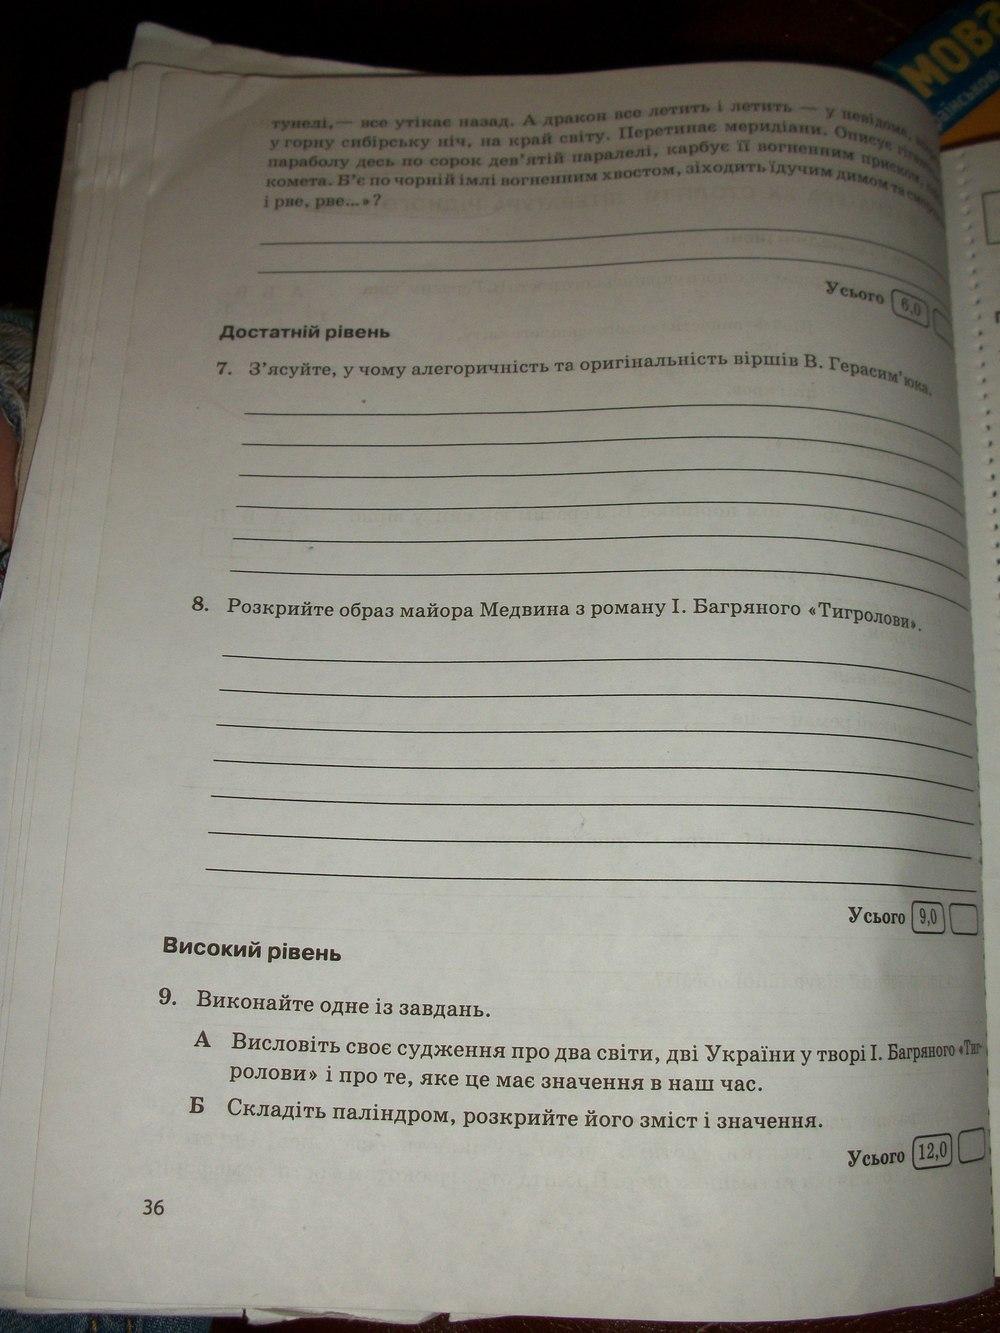 ГДЗ відповіді робочий зошит по литературе 9 класс В.В. Паращич. Задание: стр. 36